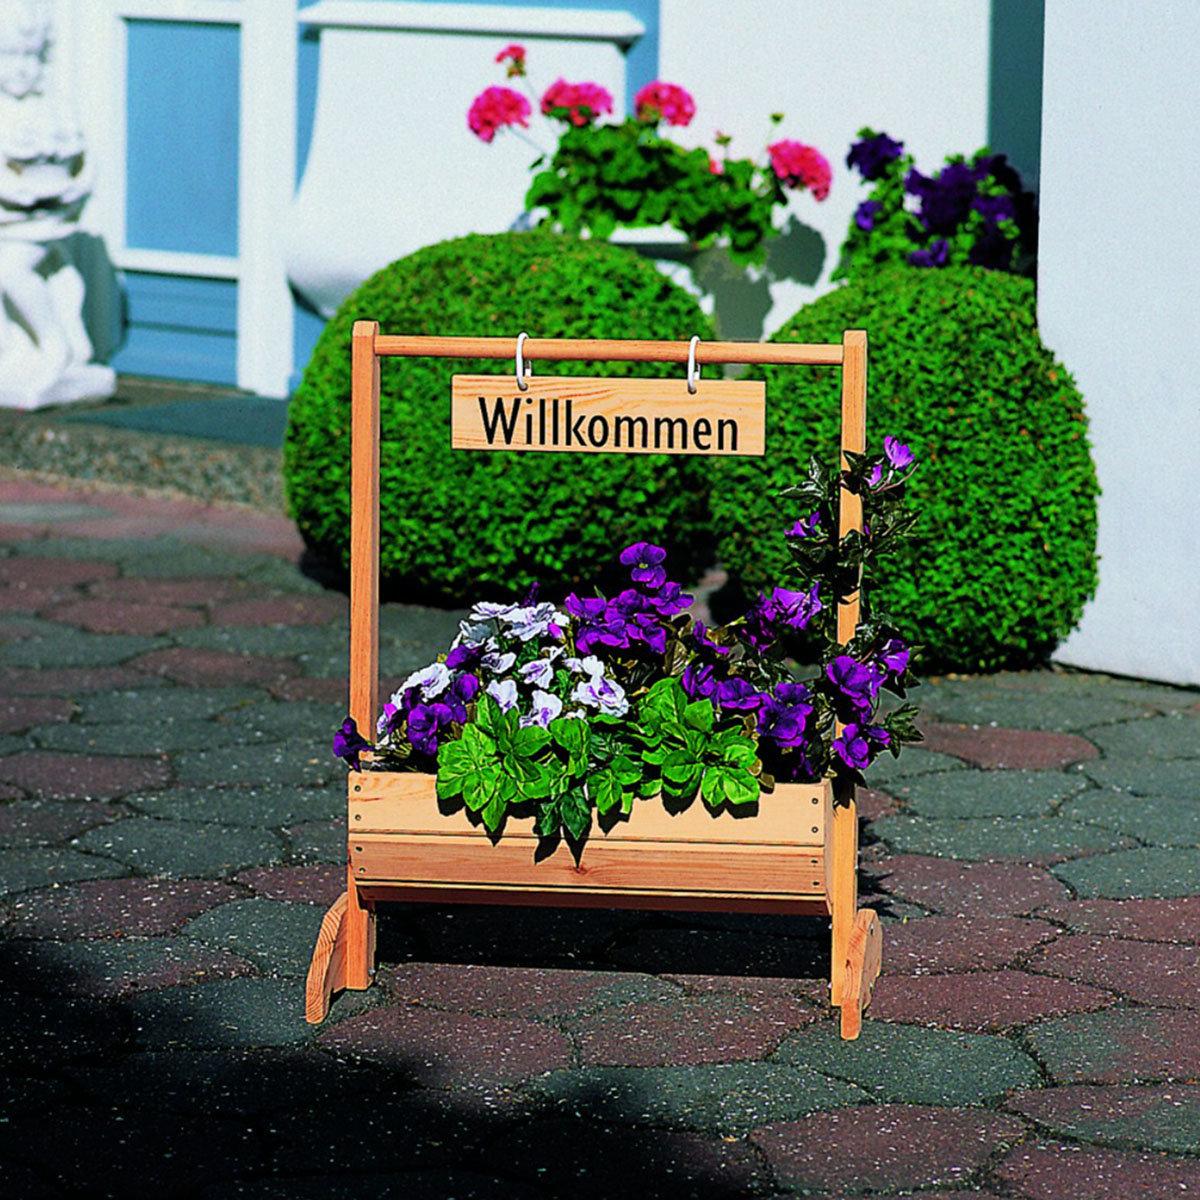 Blumentrog Wilkommen klein